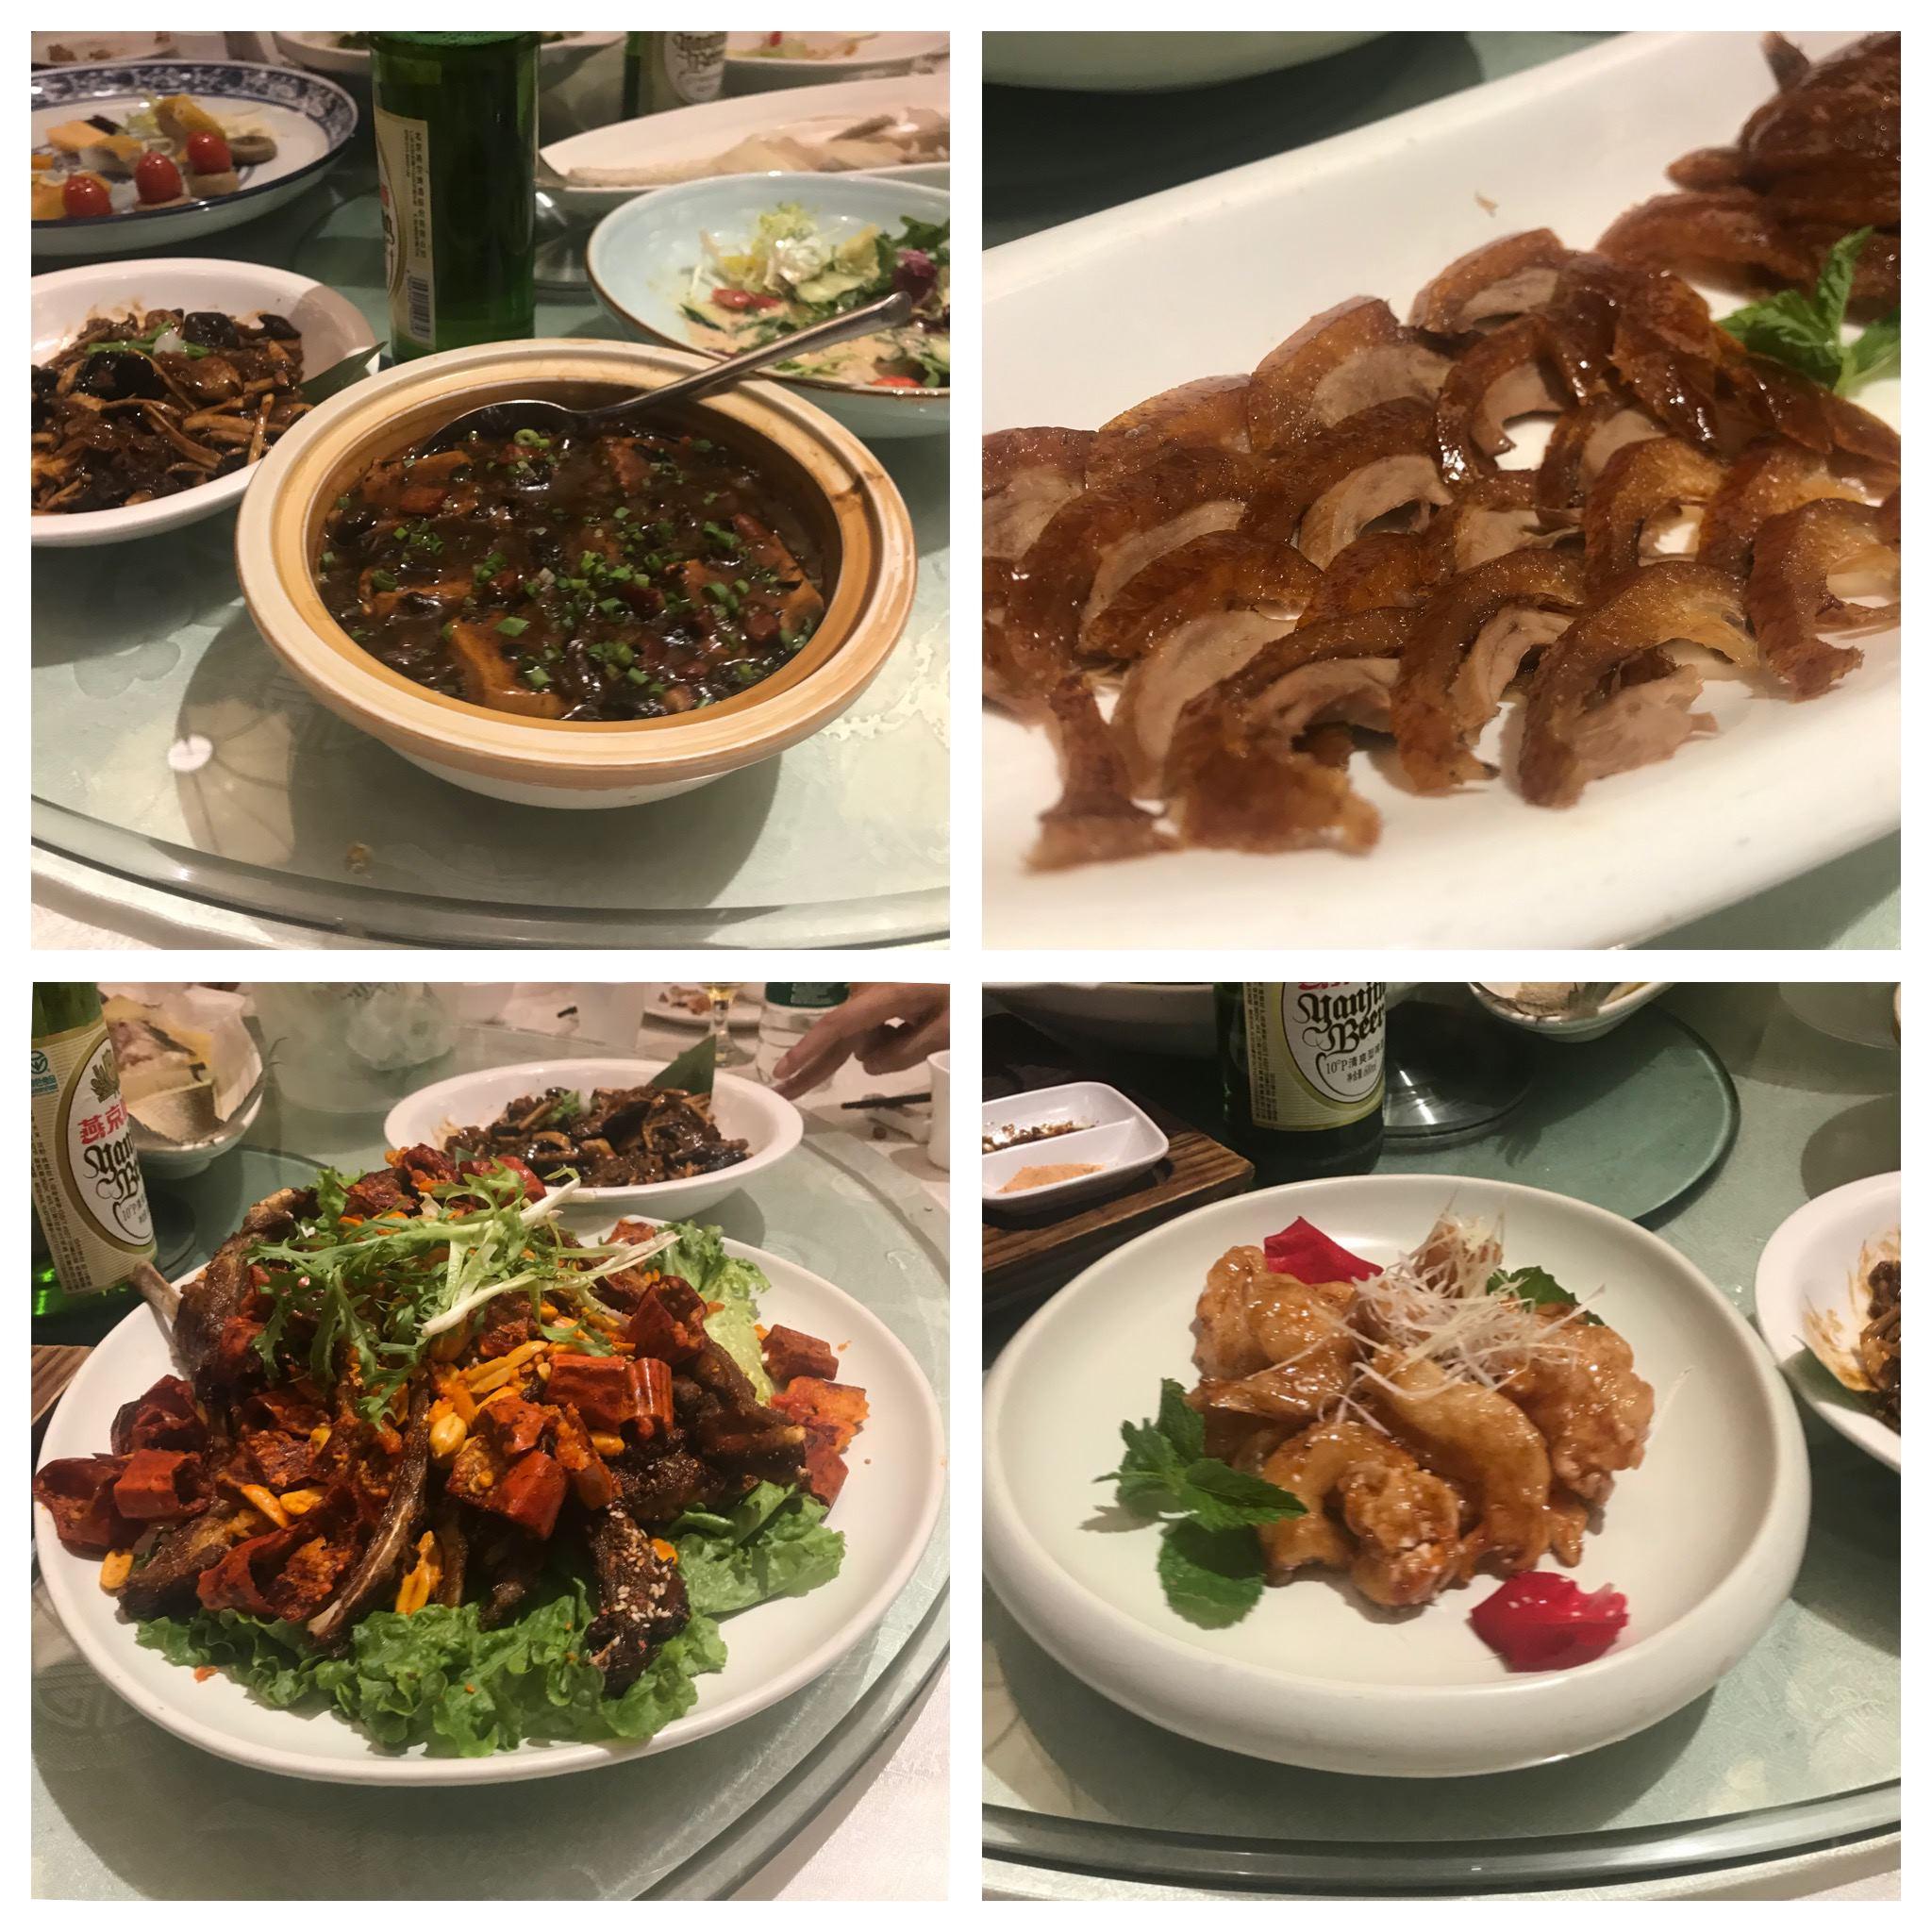 왼쪽 위부터 시계방향으로 간장(?) 마파두부, 베이징덕, 크림새우, 매콤한 양갈비